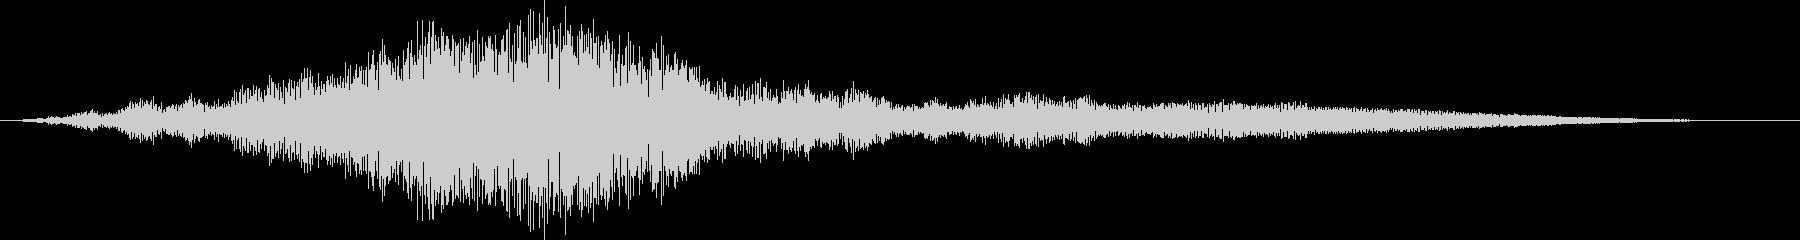 【映画】上映前にロゴと一緒に流れる音2の未再生の波形